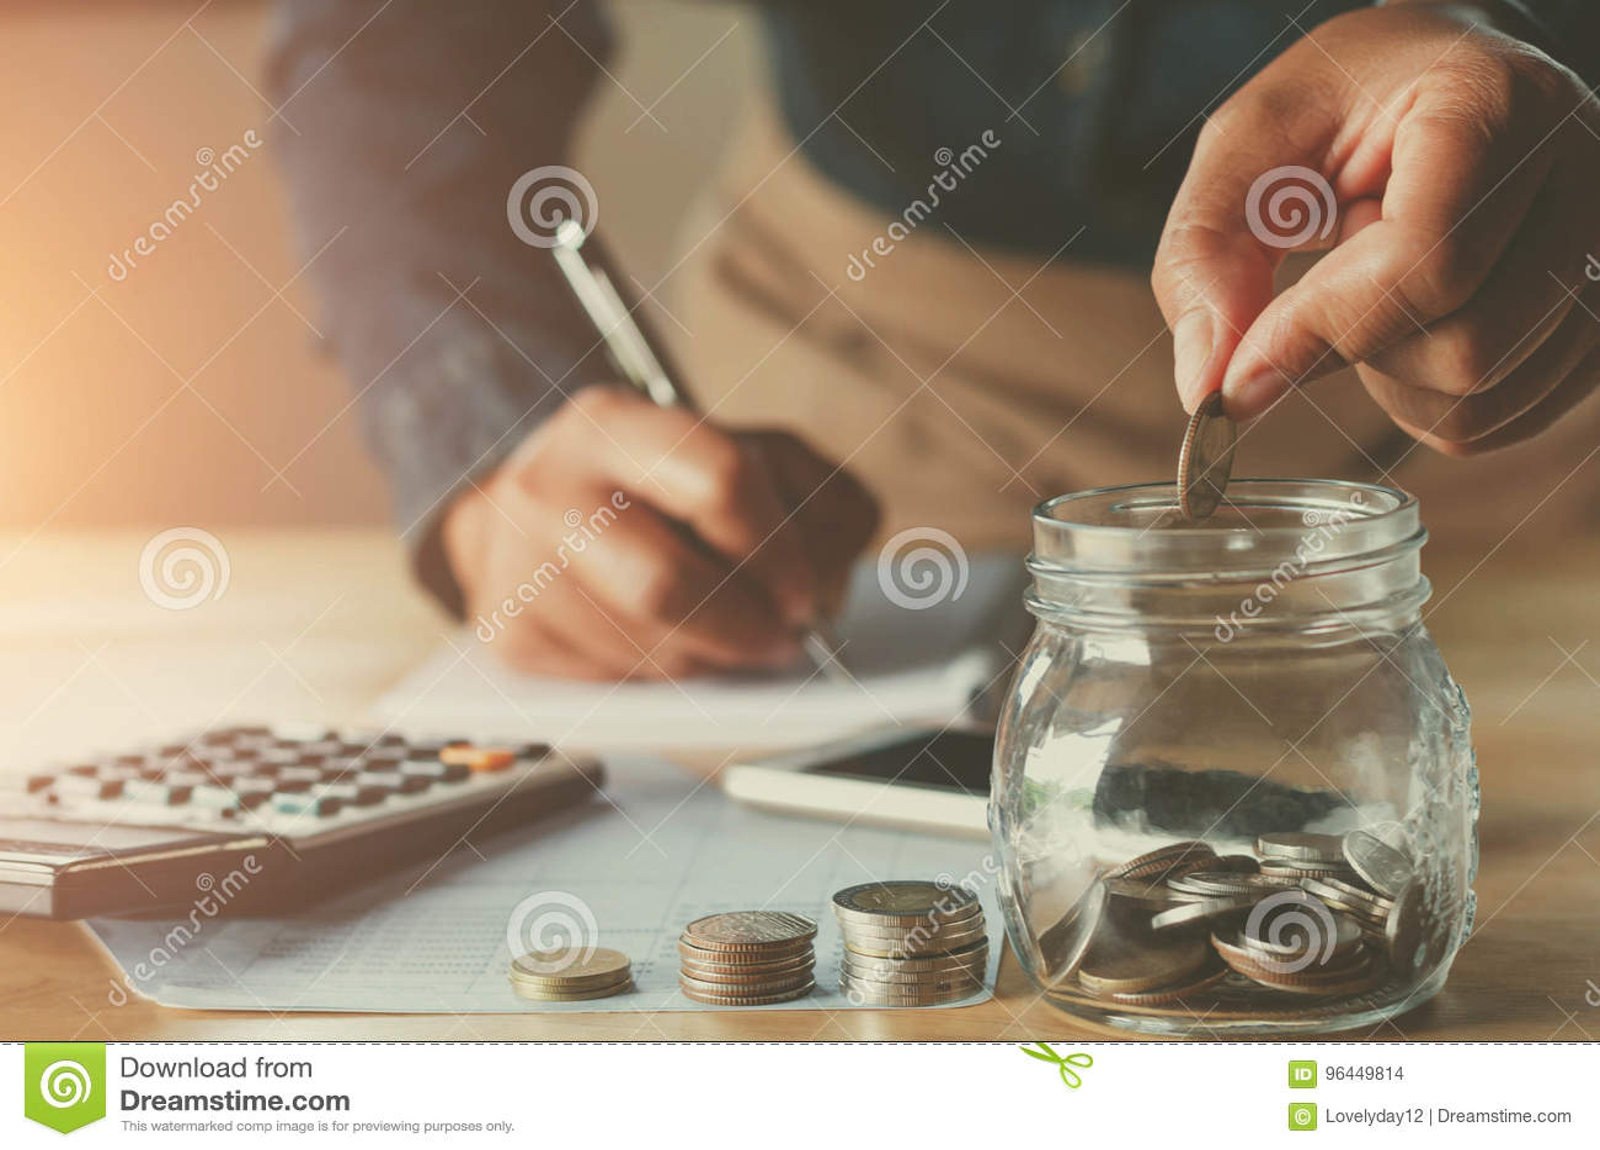 επιχειρησιακό accountin με τα χρήματα αποταμίευσης με το χέρι που υποβάλλει τα νομίσματα